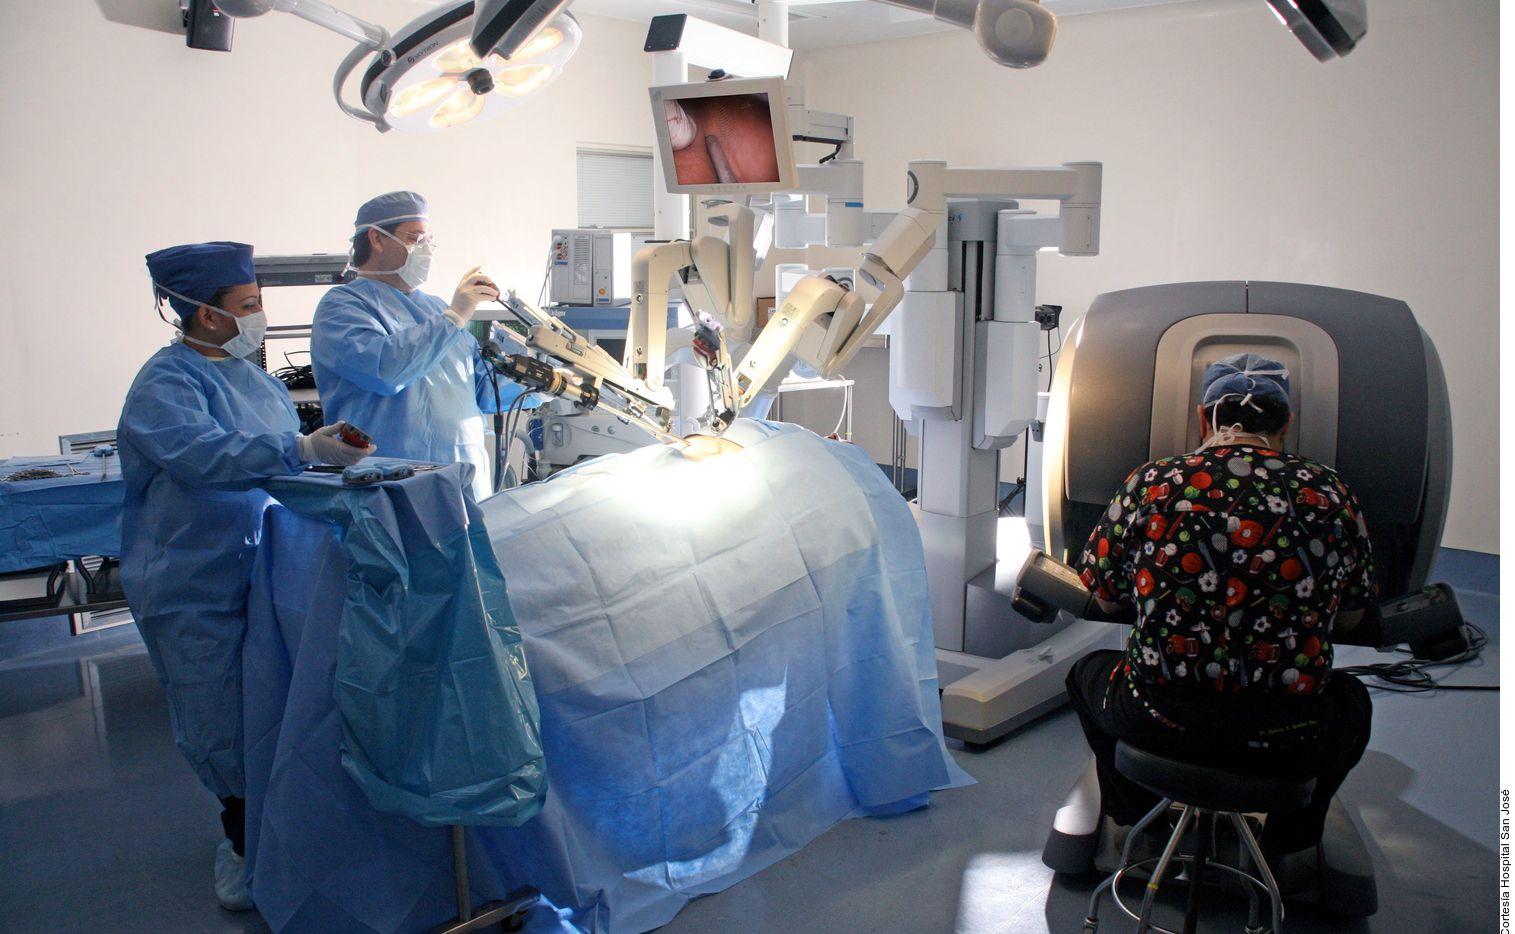 La cirugía robótica se ha convertido en uno de los procedimientos de mínima invasión más recurrentes por los cirujanos debido a su precisión al momento de operar y los resultados postoperatorios que brinda al paciente.